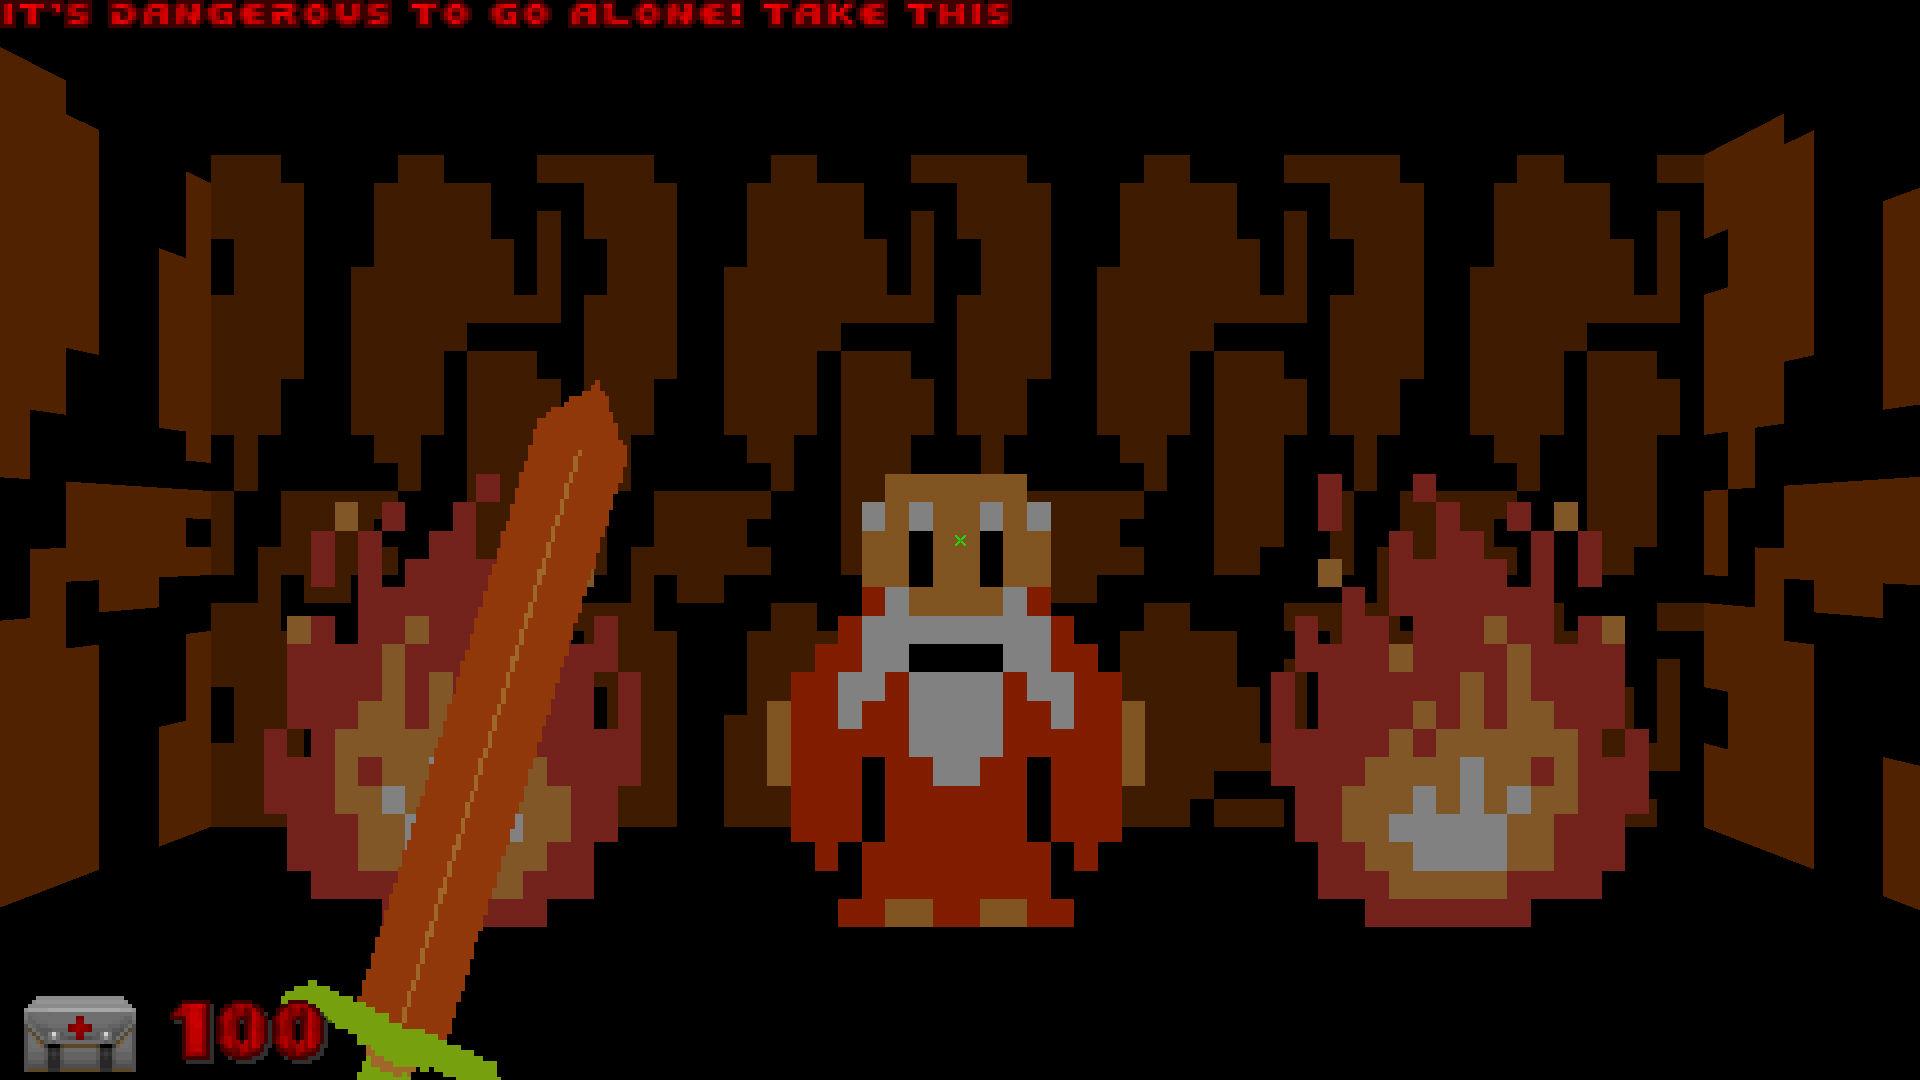 NES Zelda in a Doom mod? Sure, I'll take it